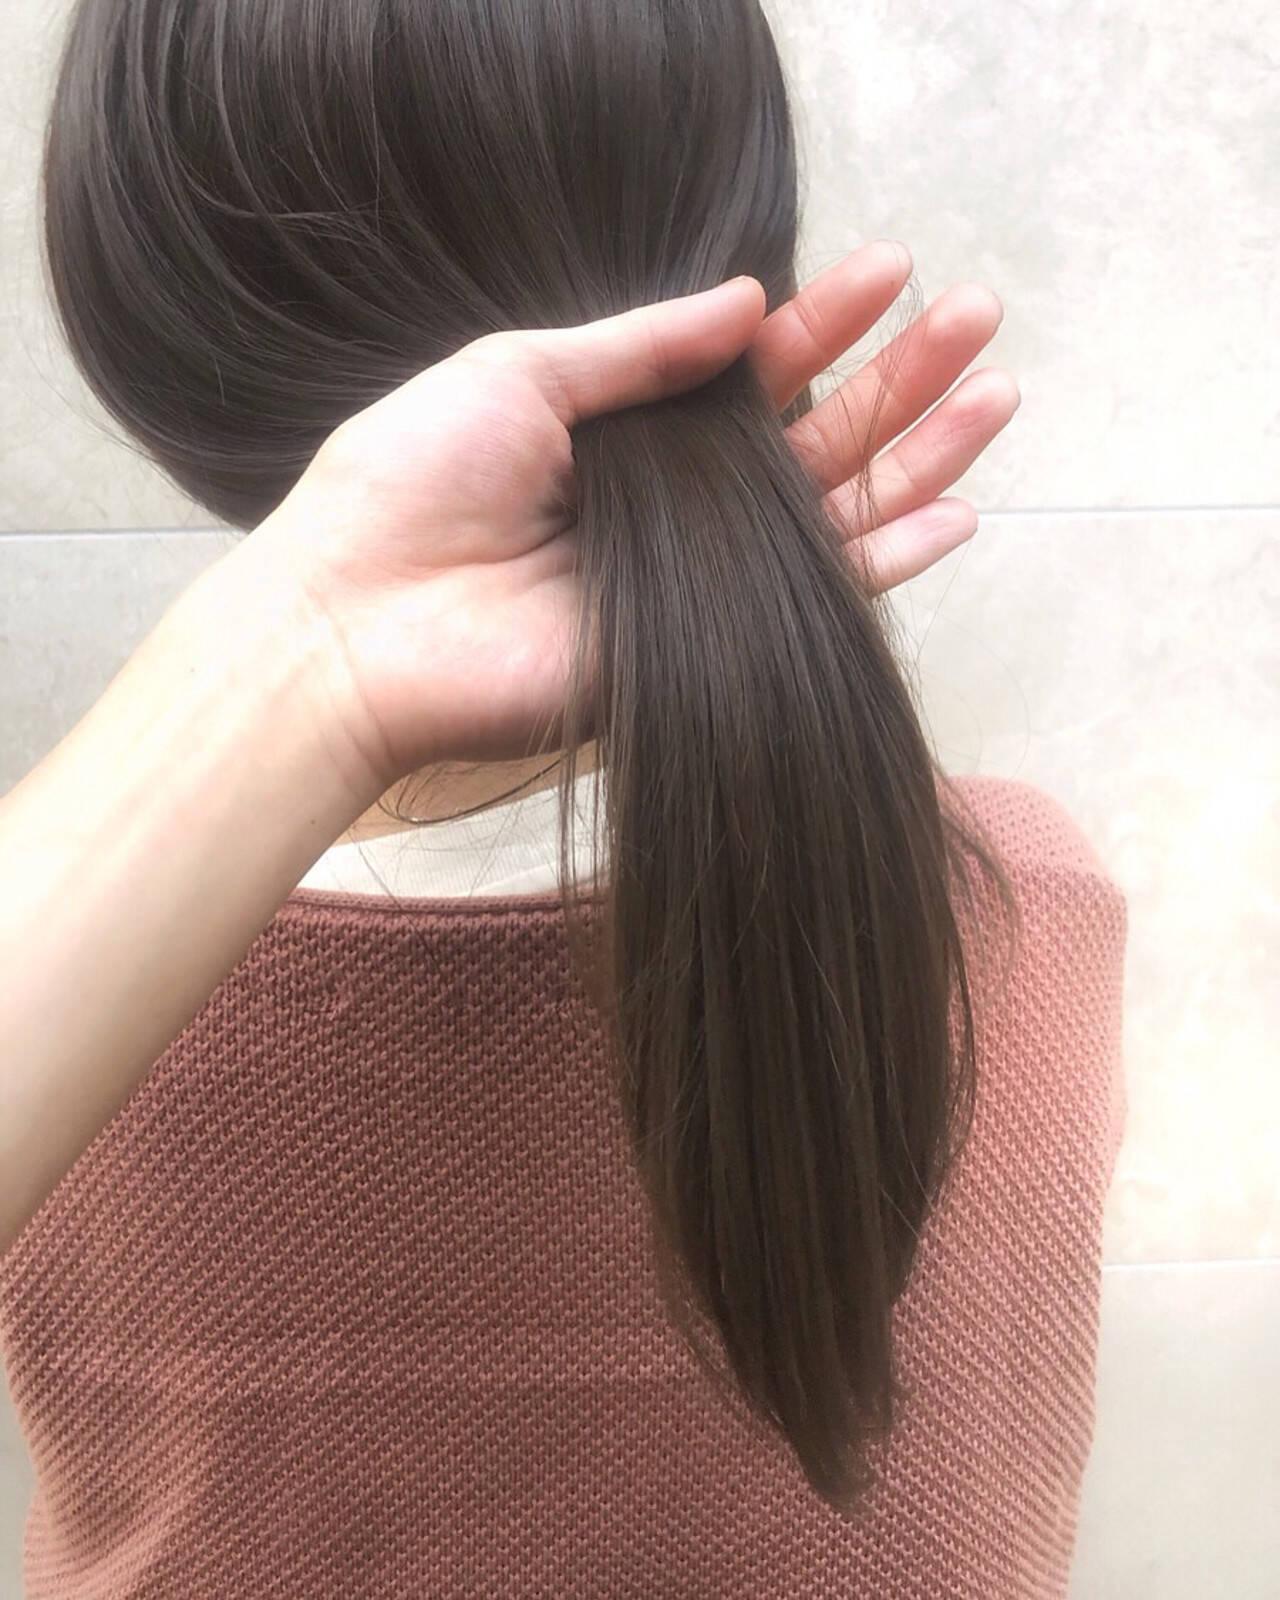 カーキアッシュ オリーブアッシュ ナチュラル ハイライトヘアスタイルや髪型の写真・画像